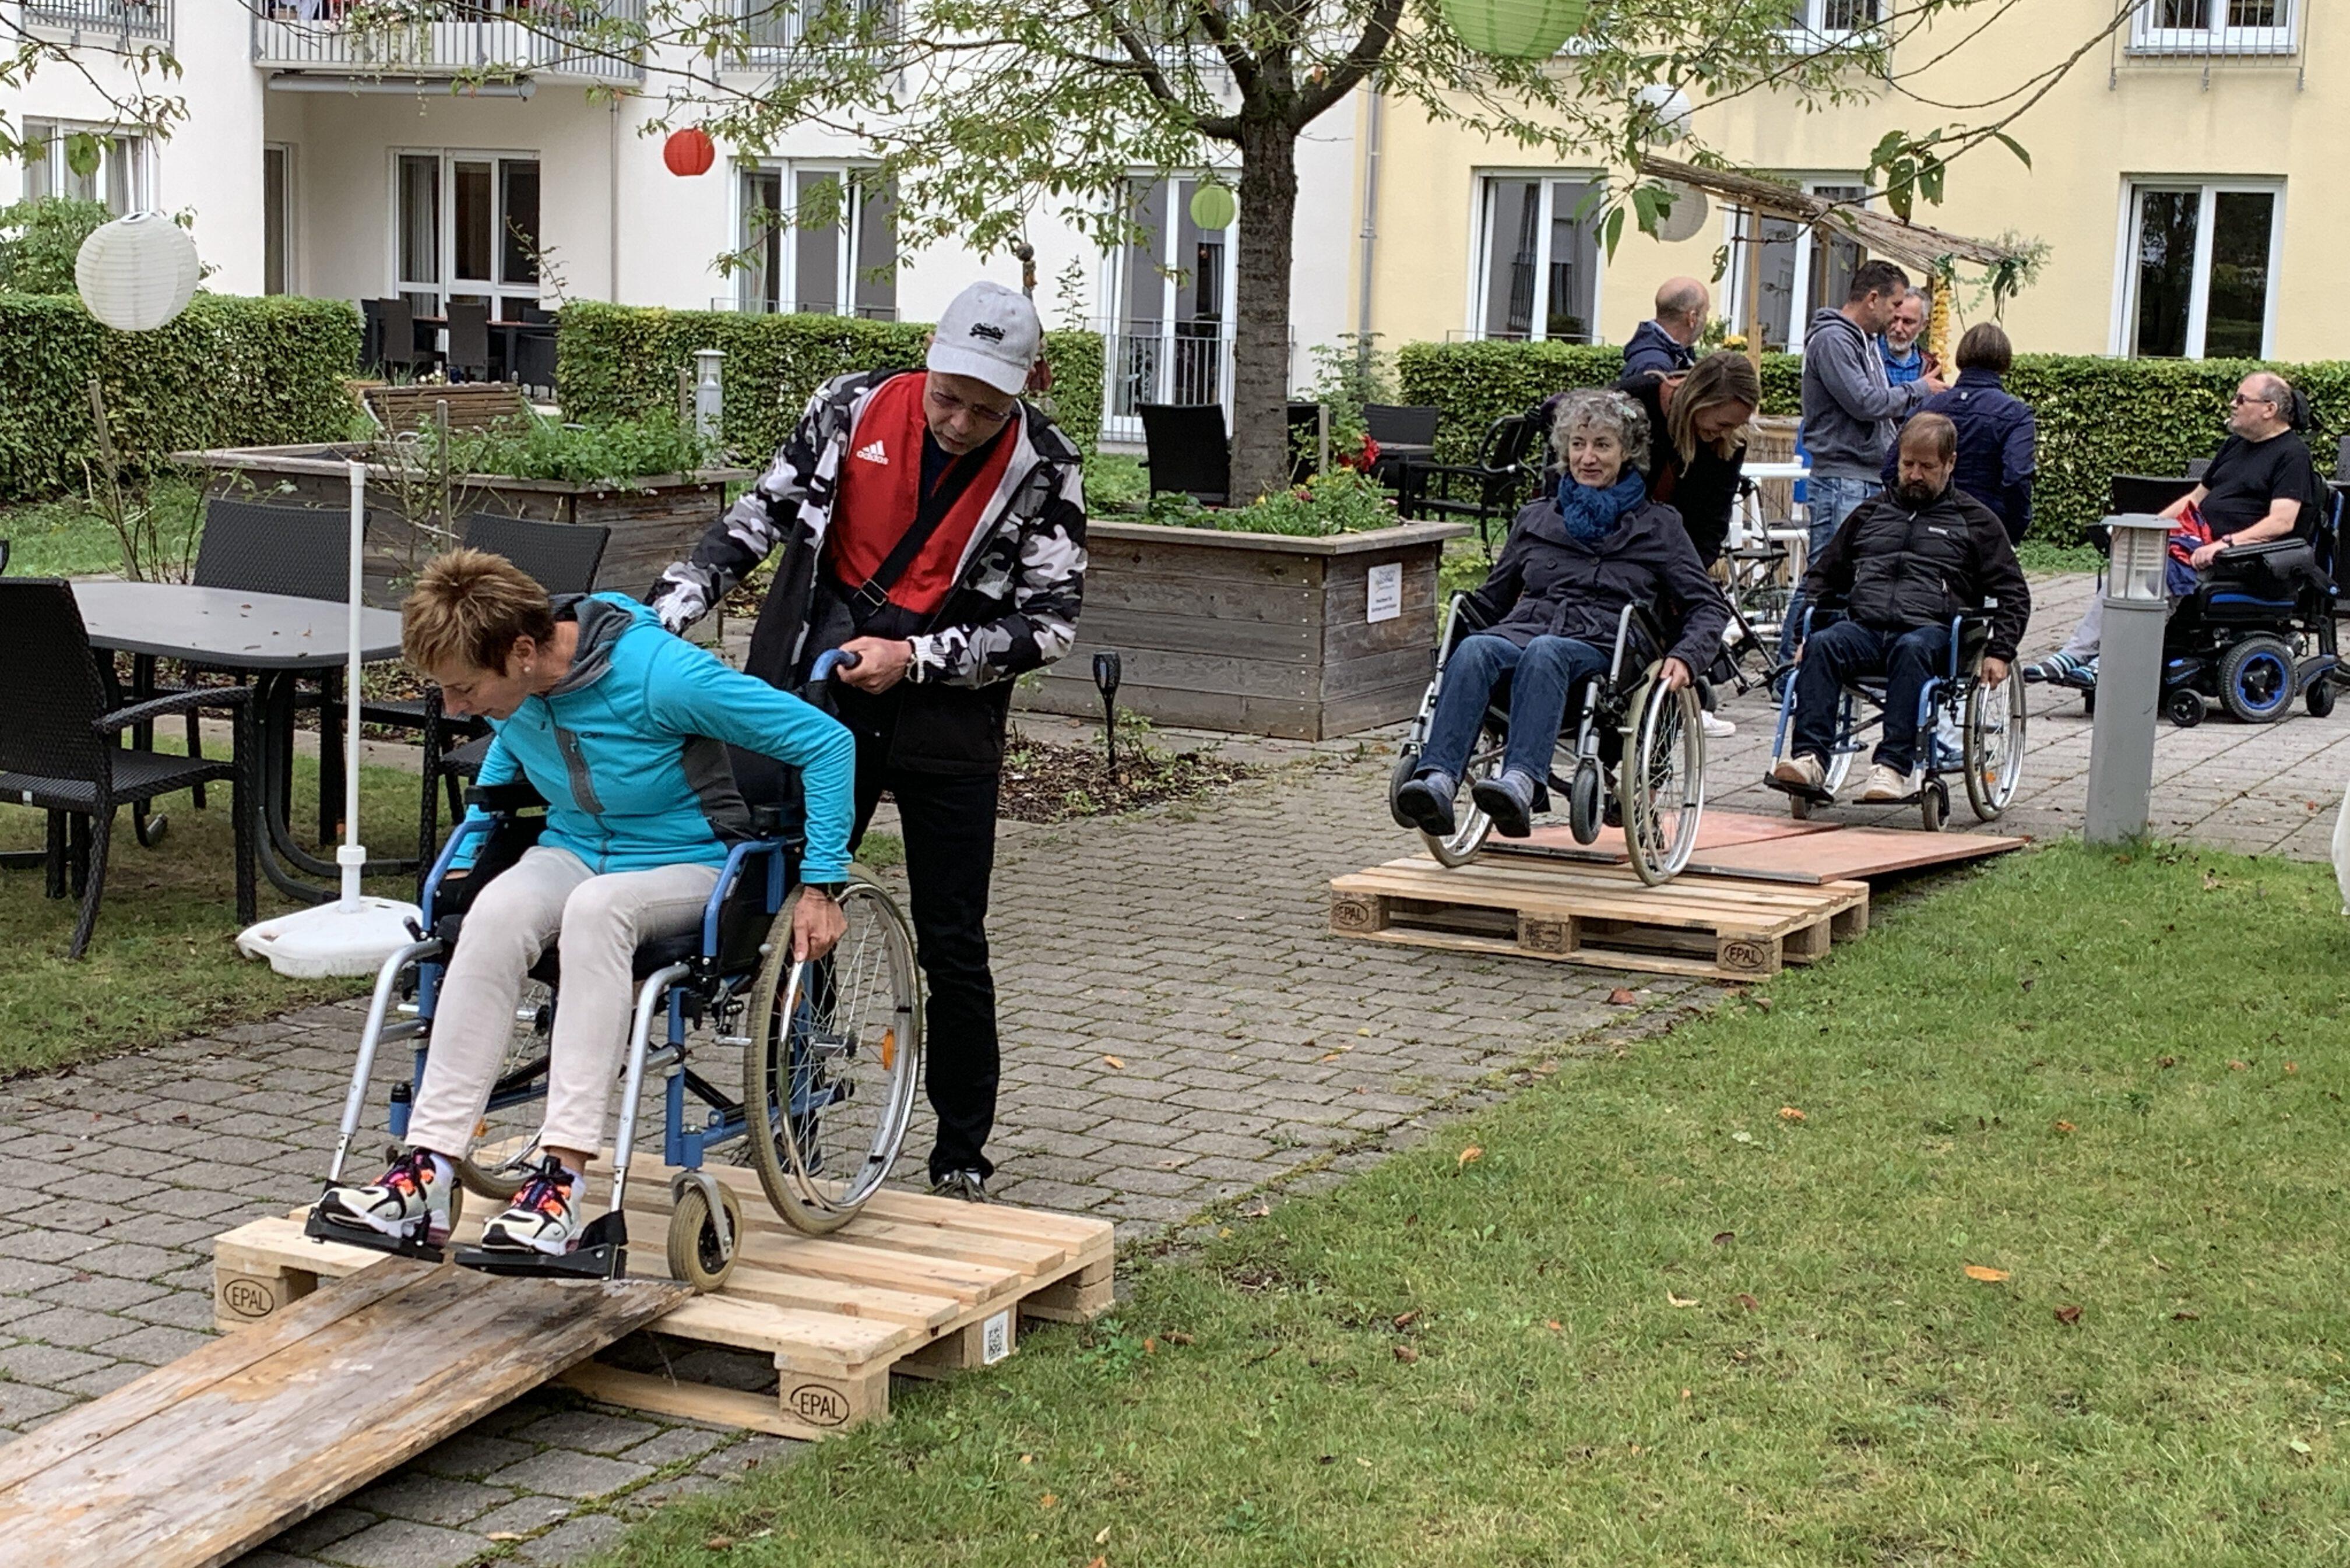 Aktionstag Münchner Unternehmen Des mach ma: ein Team vom ADAC erlebte am eigenen Körper, wie die Mobilität im Alter nachlässt und nimmt Bewohner auf einen Ausflug mit einer Fahrradrikscha zum nahegelegenen Weiher mit.